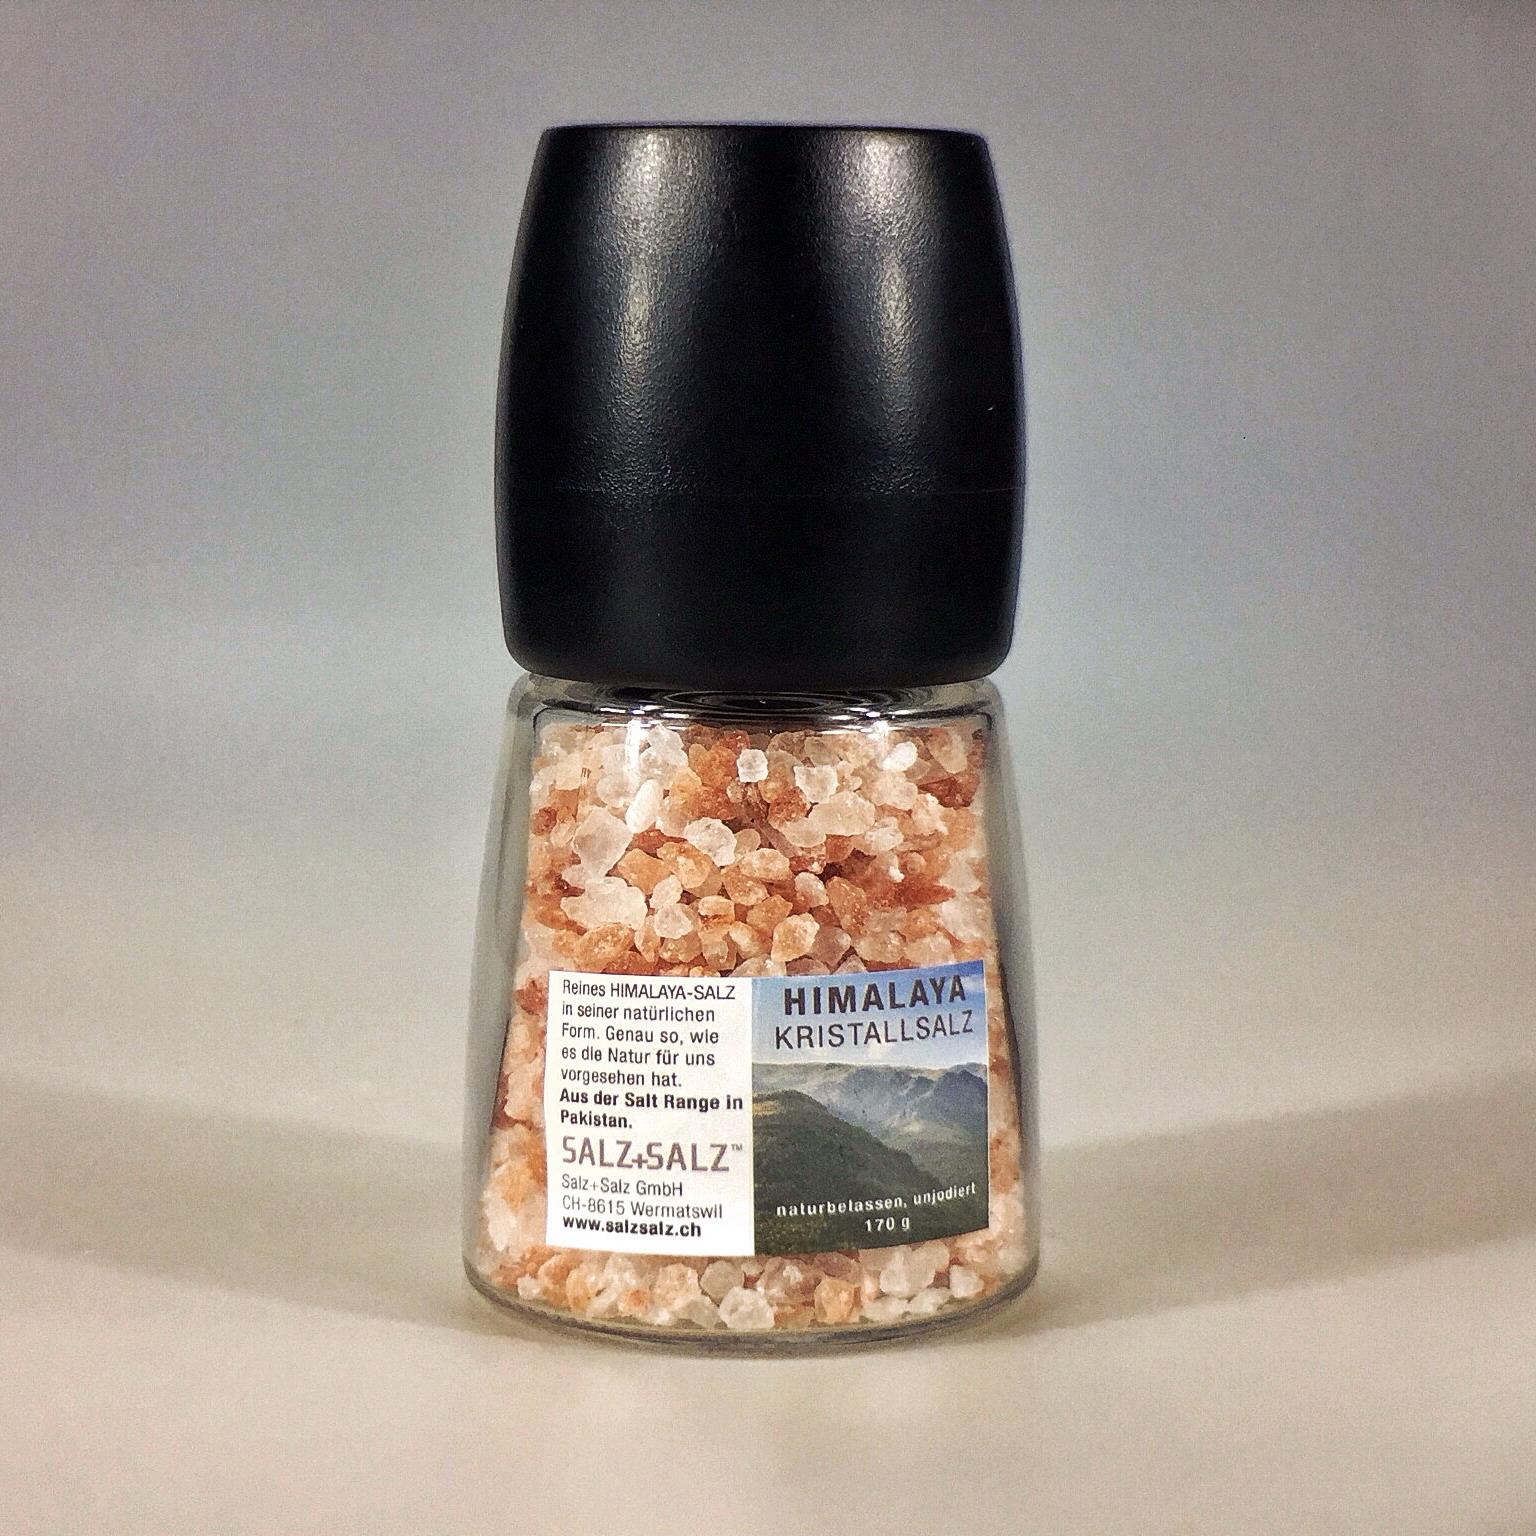 Himalayasalz in verstellbarer Salzmühle 170 g